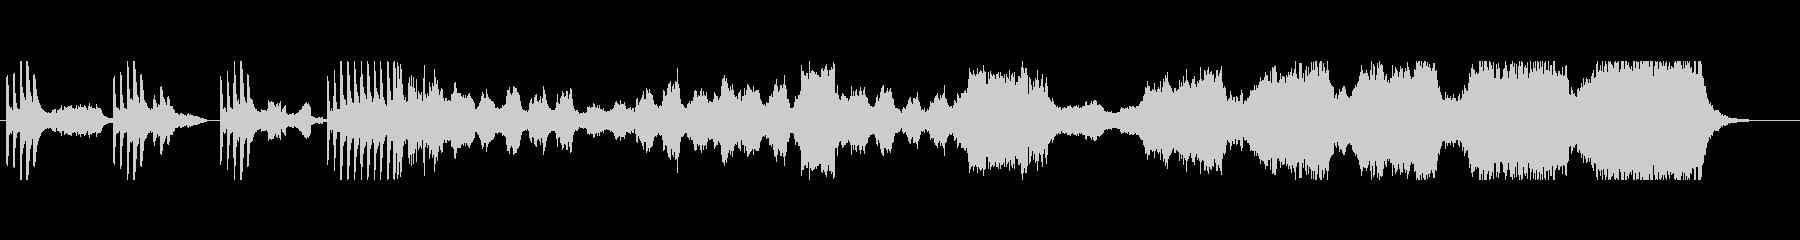 ダーク・ファンタジーのオーケストラ曲の未再生の波形